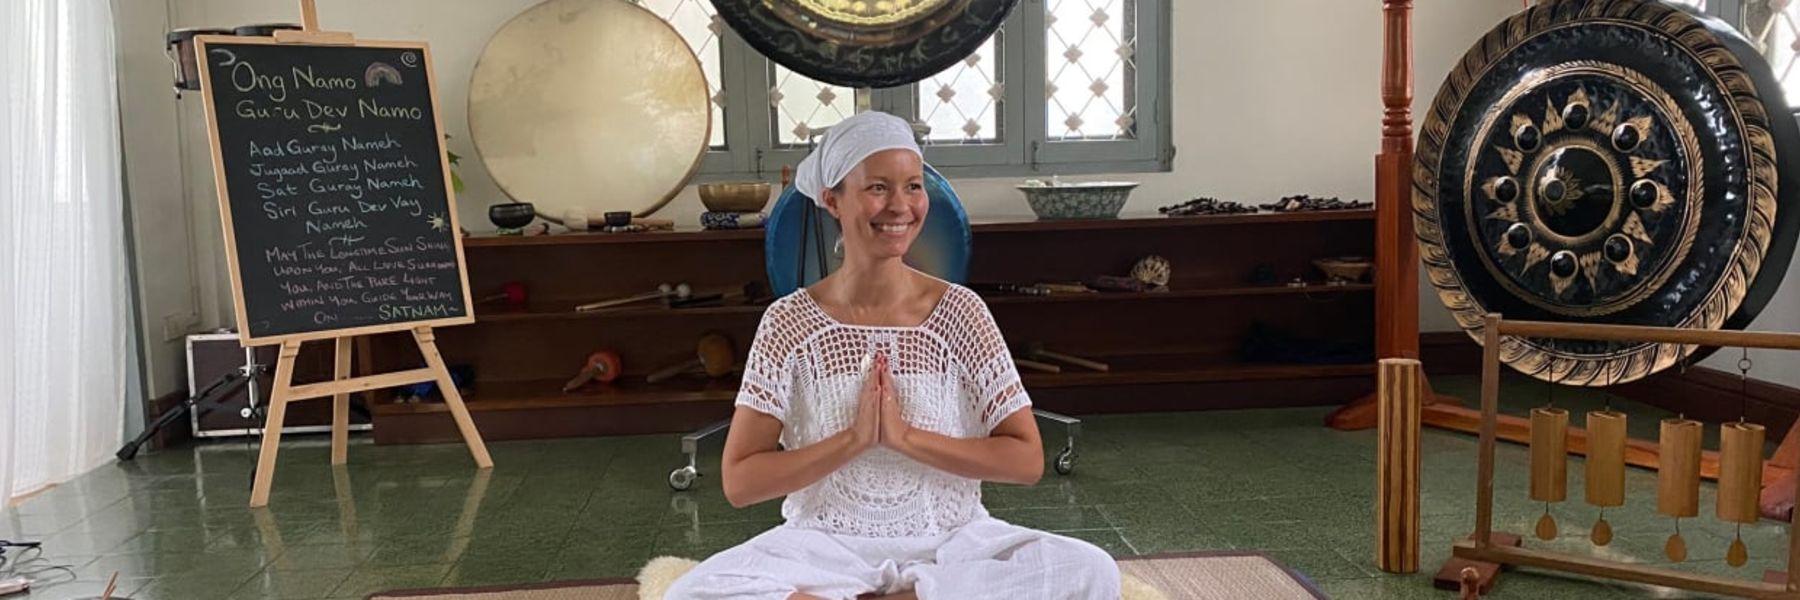 Lotus Reiki & Yoga image